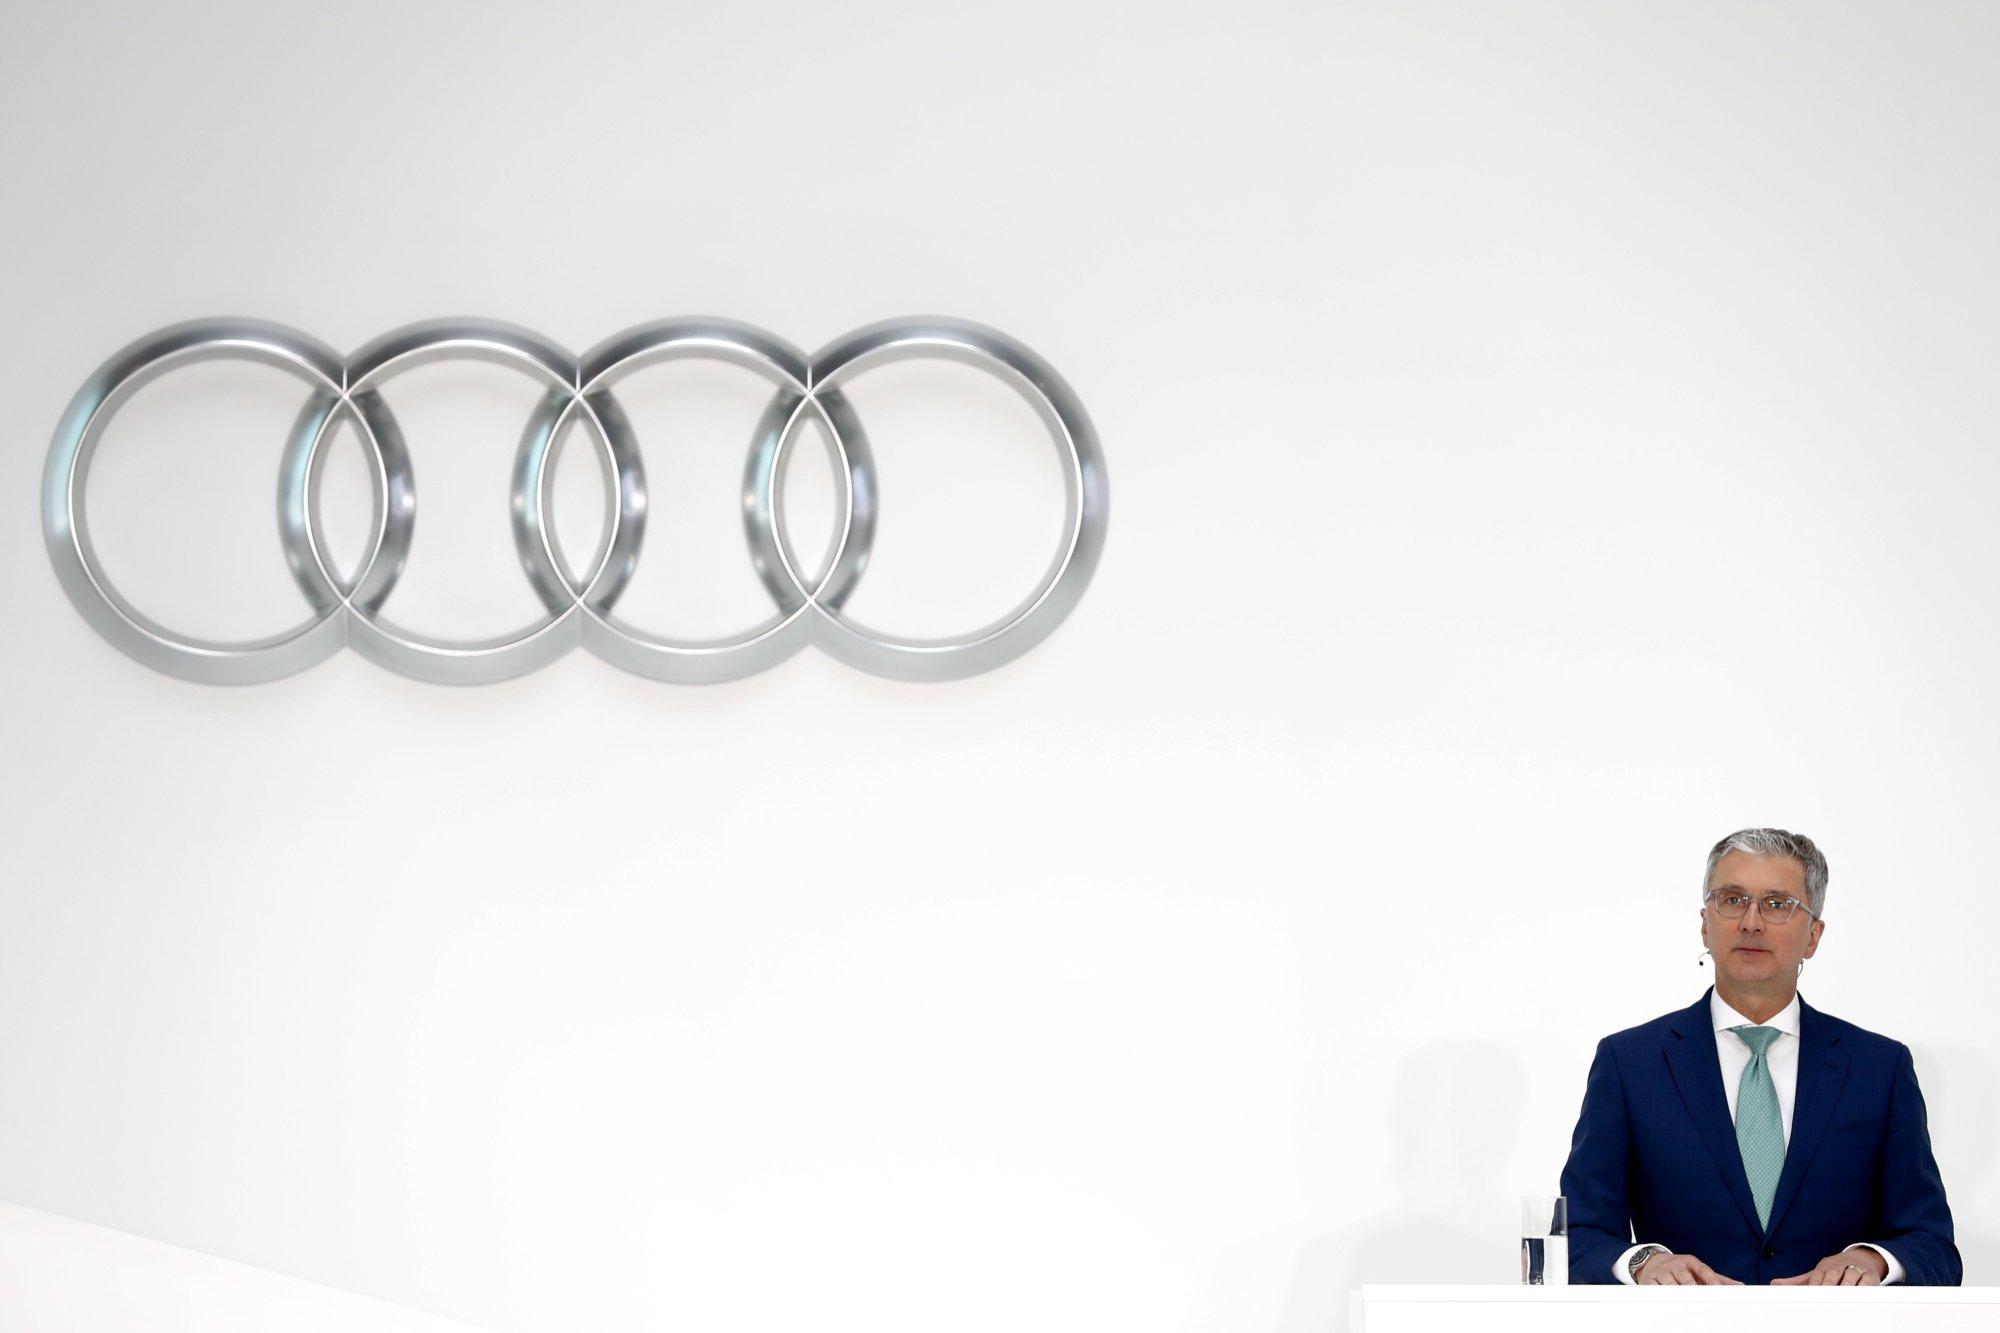 Nemecký emisný škandál dostihol aj šéfa automobilky Audi, Rupert Stadler poputuje do väzby – Denník N